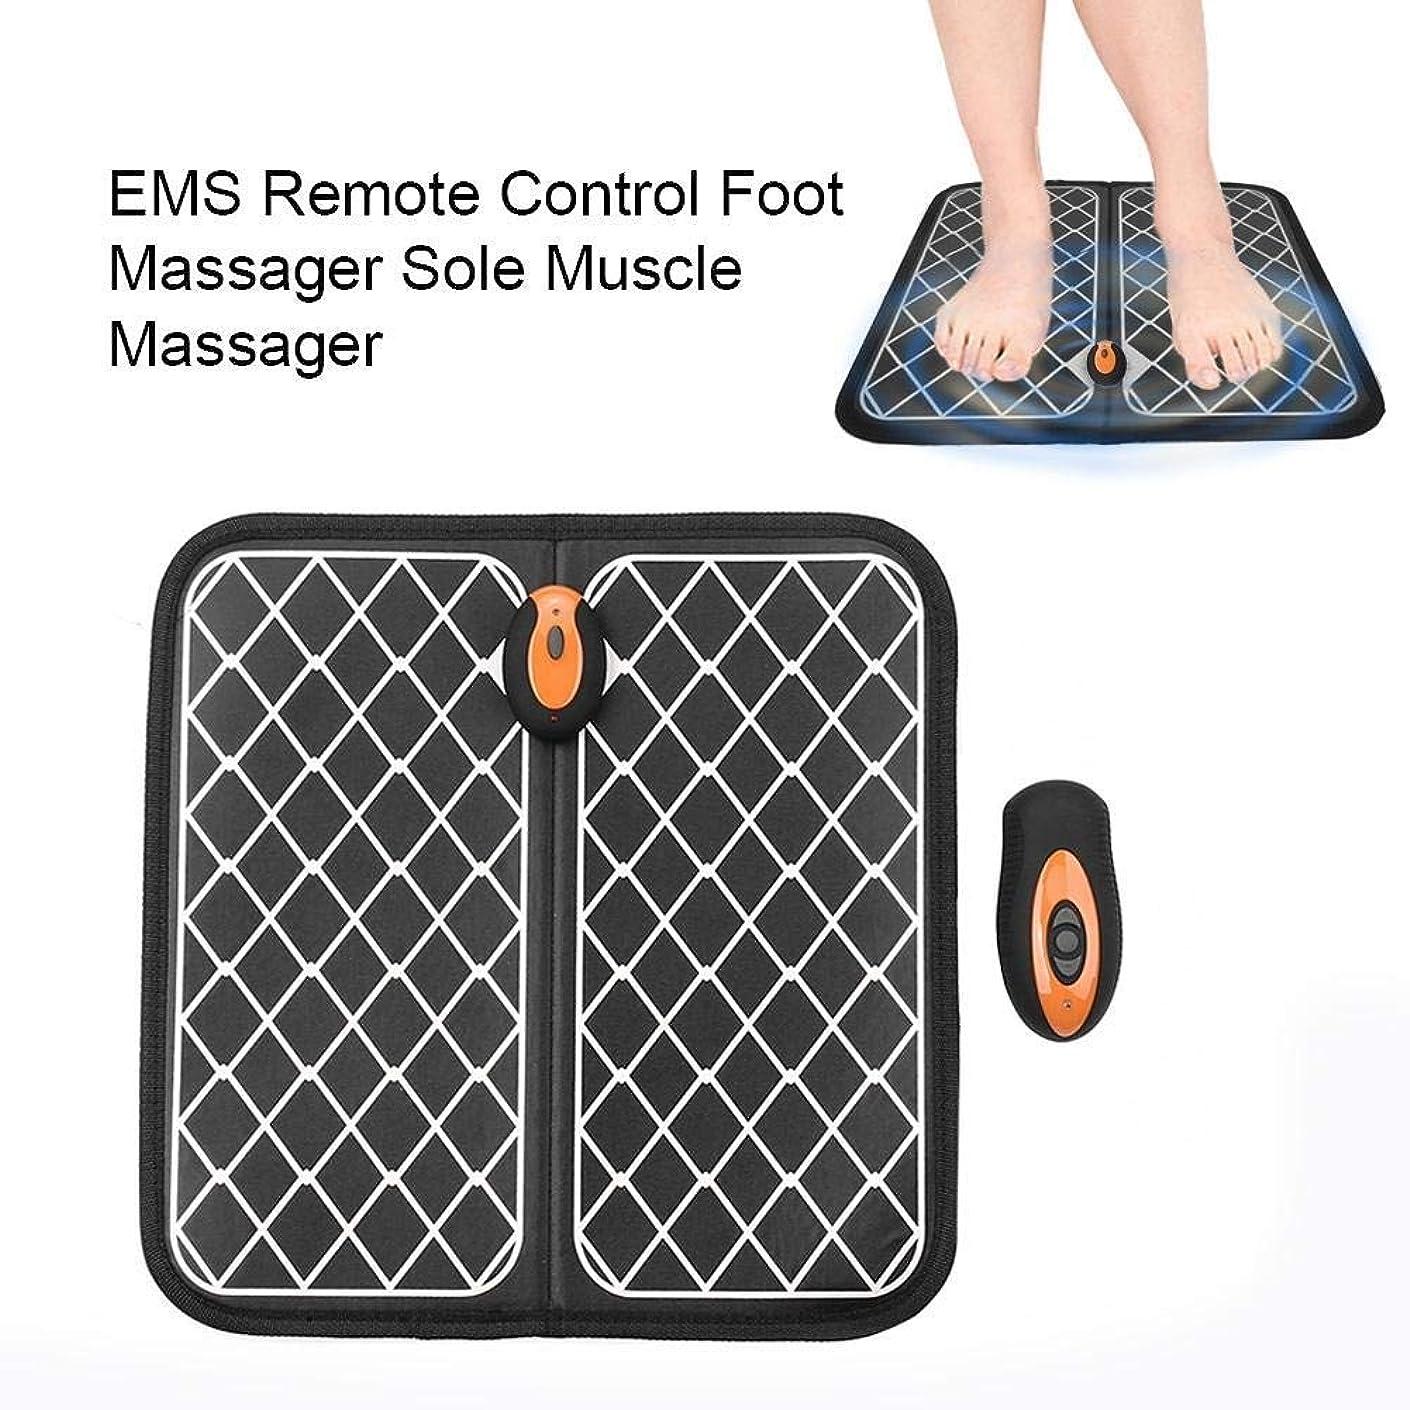 障害根絶するきしむEMSリモートコントロールフットマッサージャーマットフットトリートメント、マッサージ用インテリジェント理学療法マッサージ器、痛みを緩和、疲労を軽減